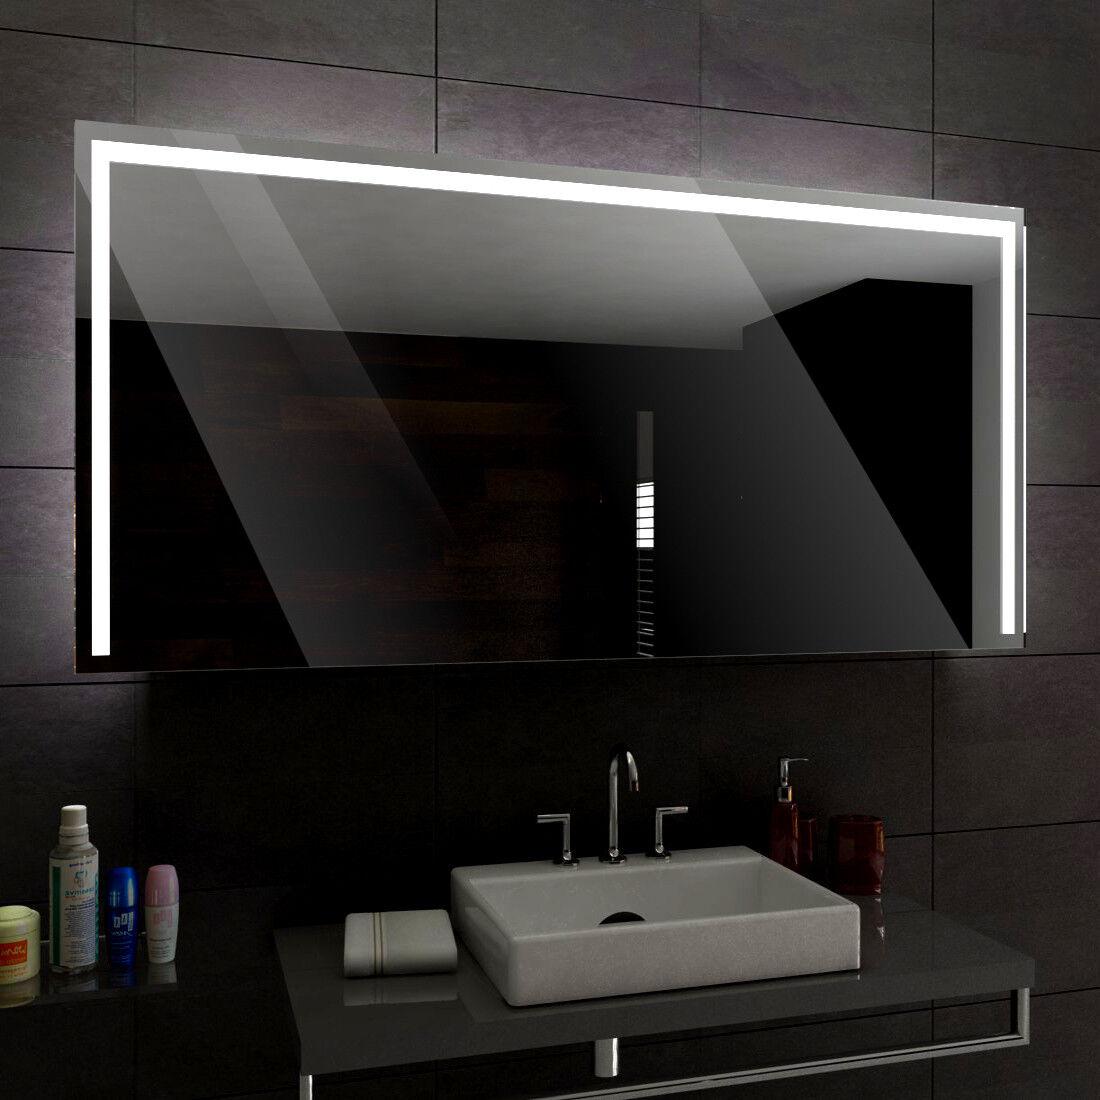 Sydney éclairé del Miroir salle de bain led toutes tailles - pour mesurer